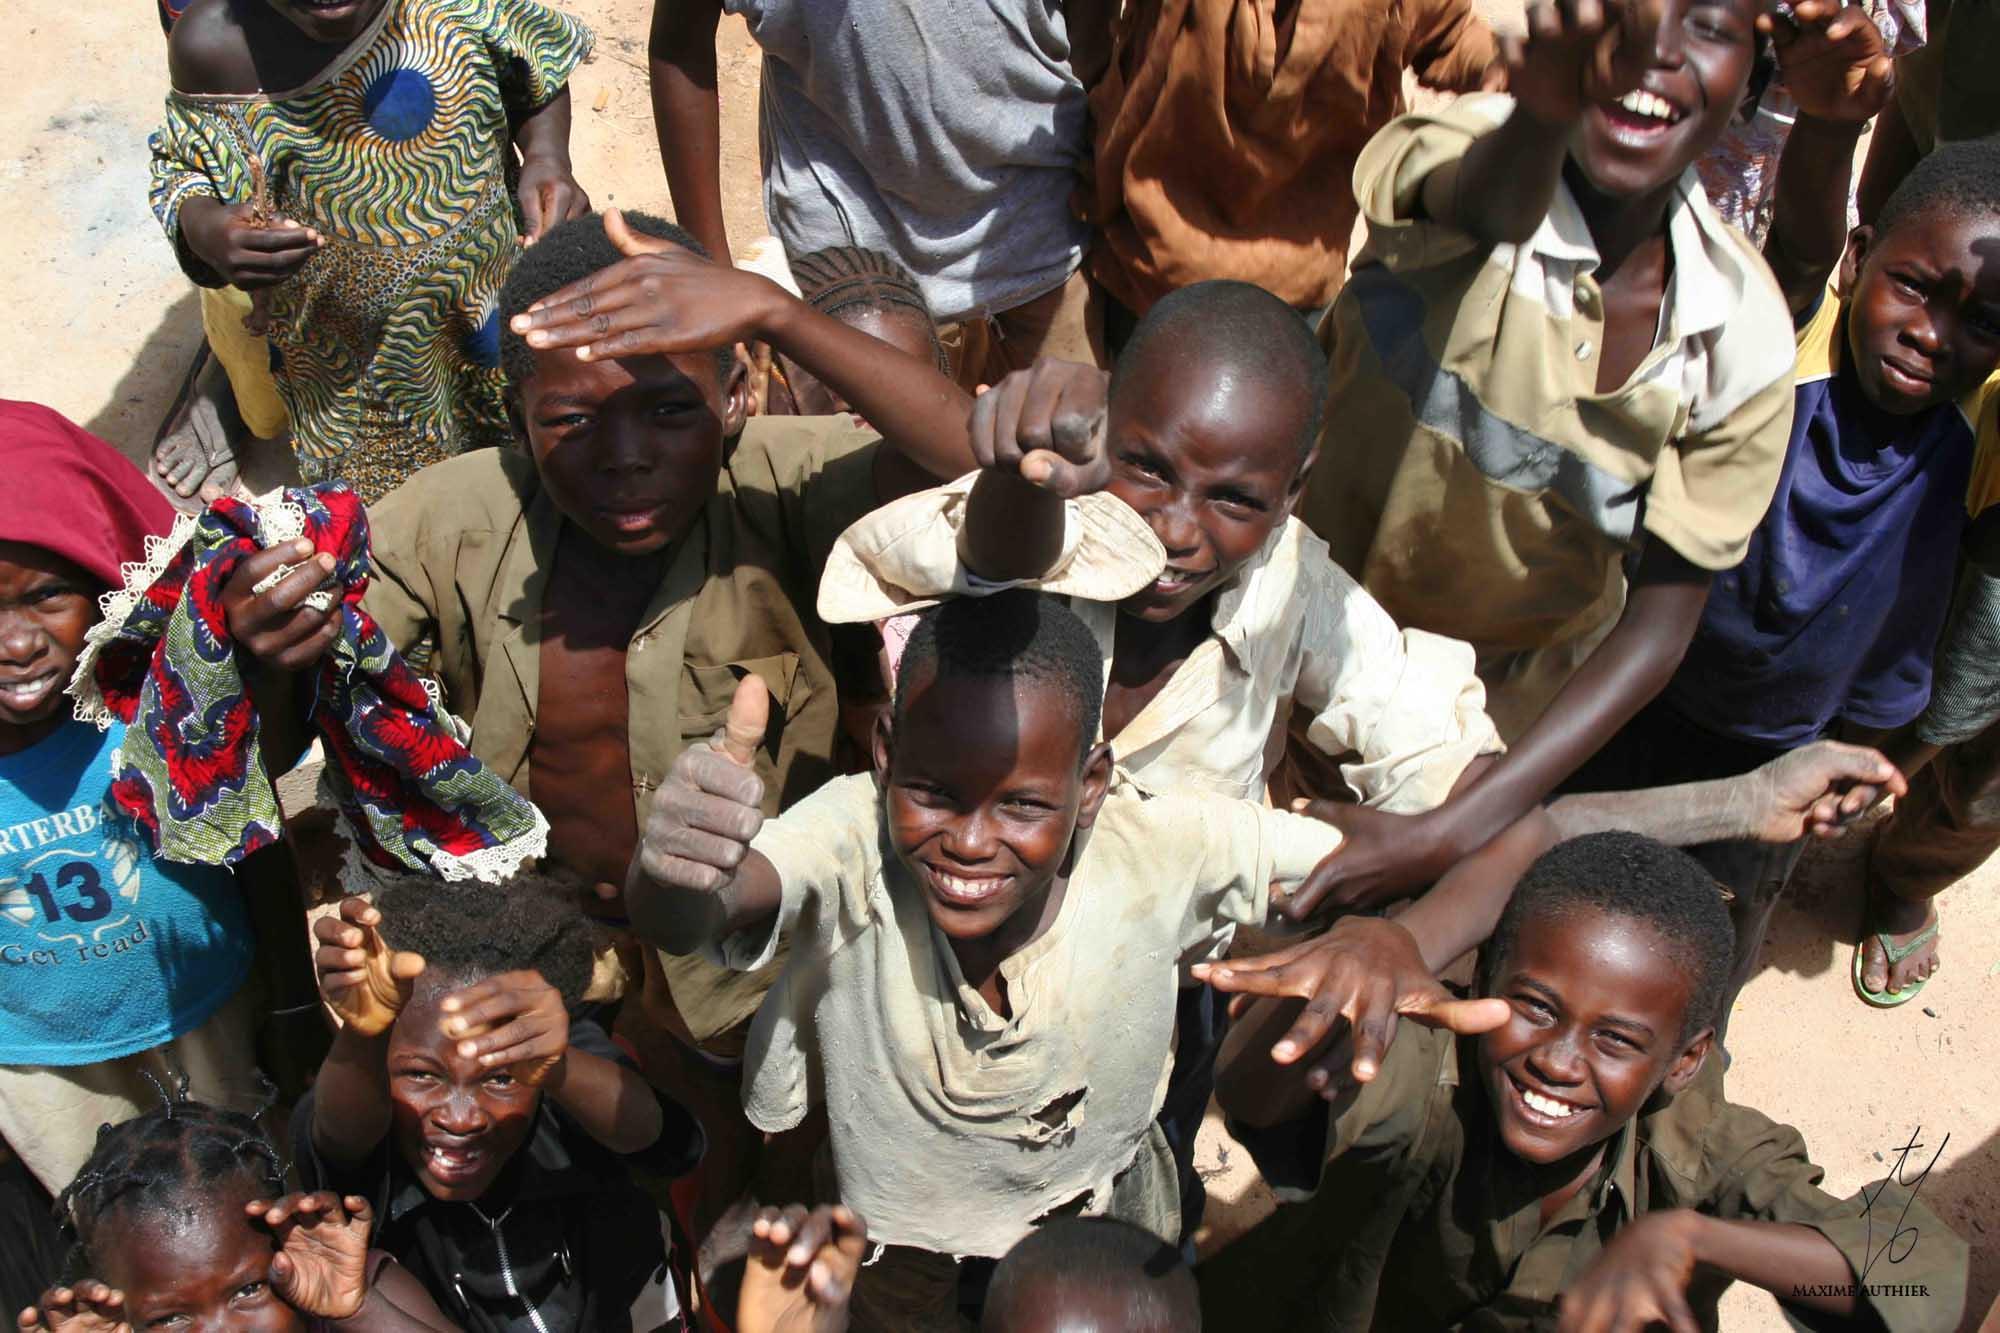 Enfants posant avec joie pour la photo